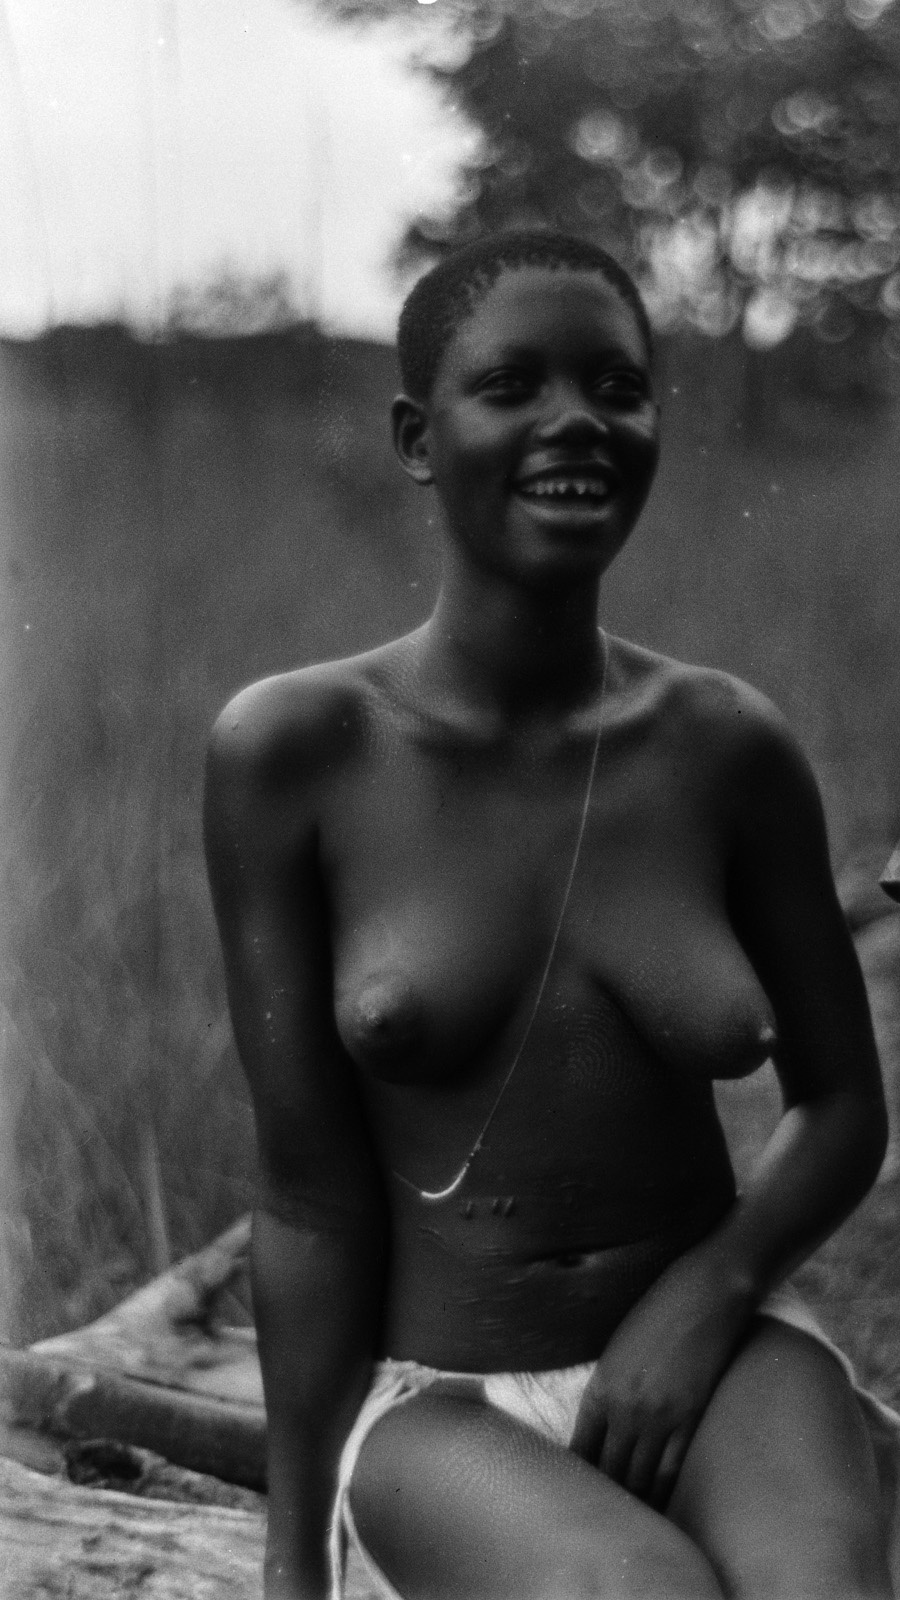 Касемпа. Женщина народности лунда с татуировками. Ее зубы заострены